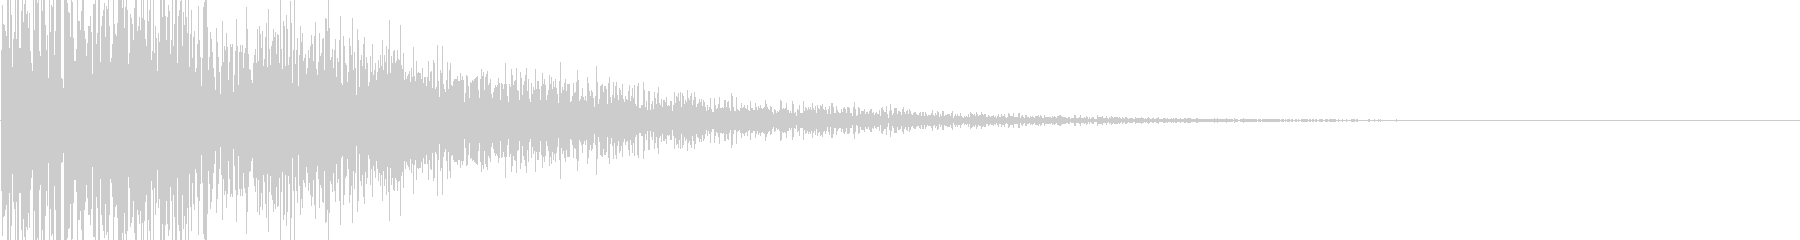 ビヨン ボヨンの未再生の波形